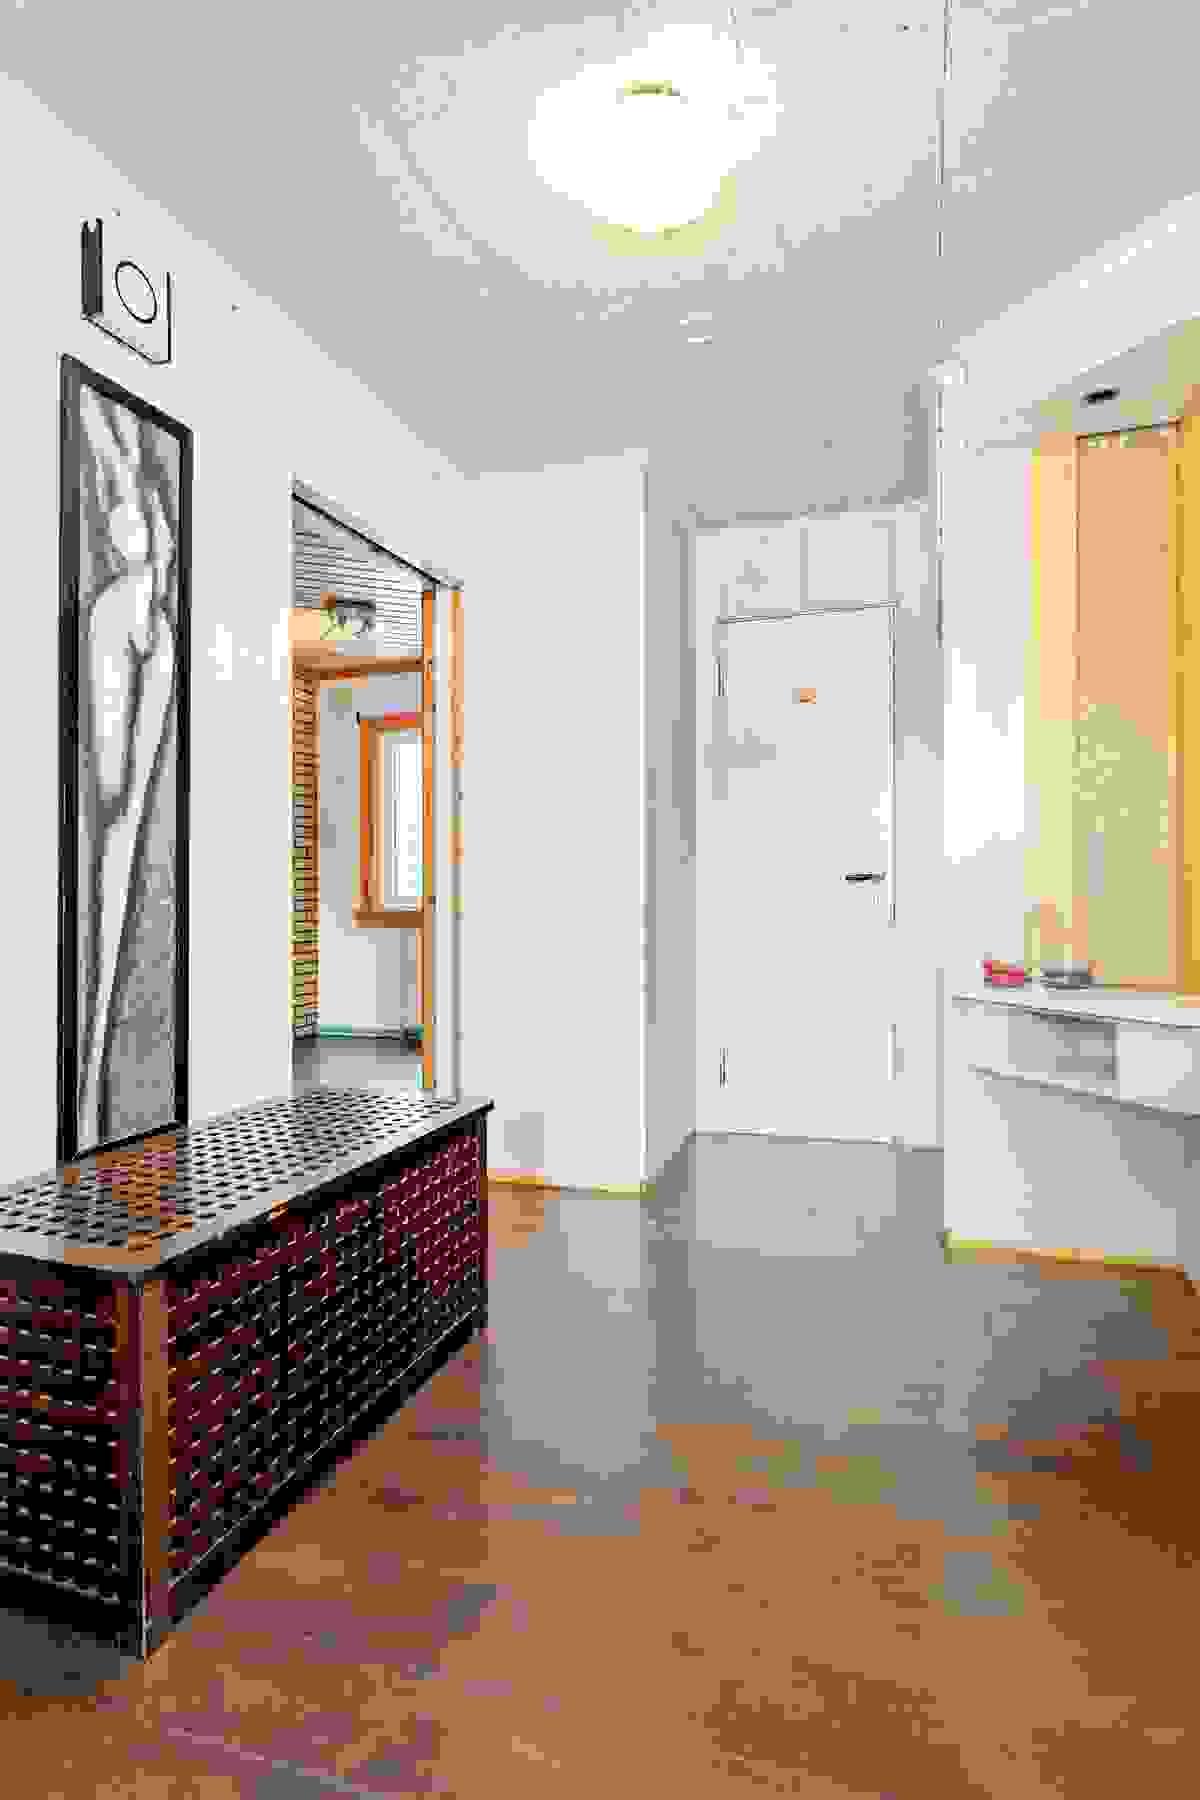 Entré/hall med adkomst til de fleste rom i boligen